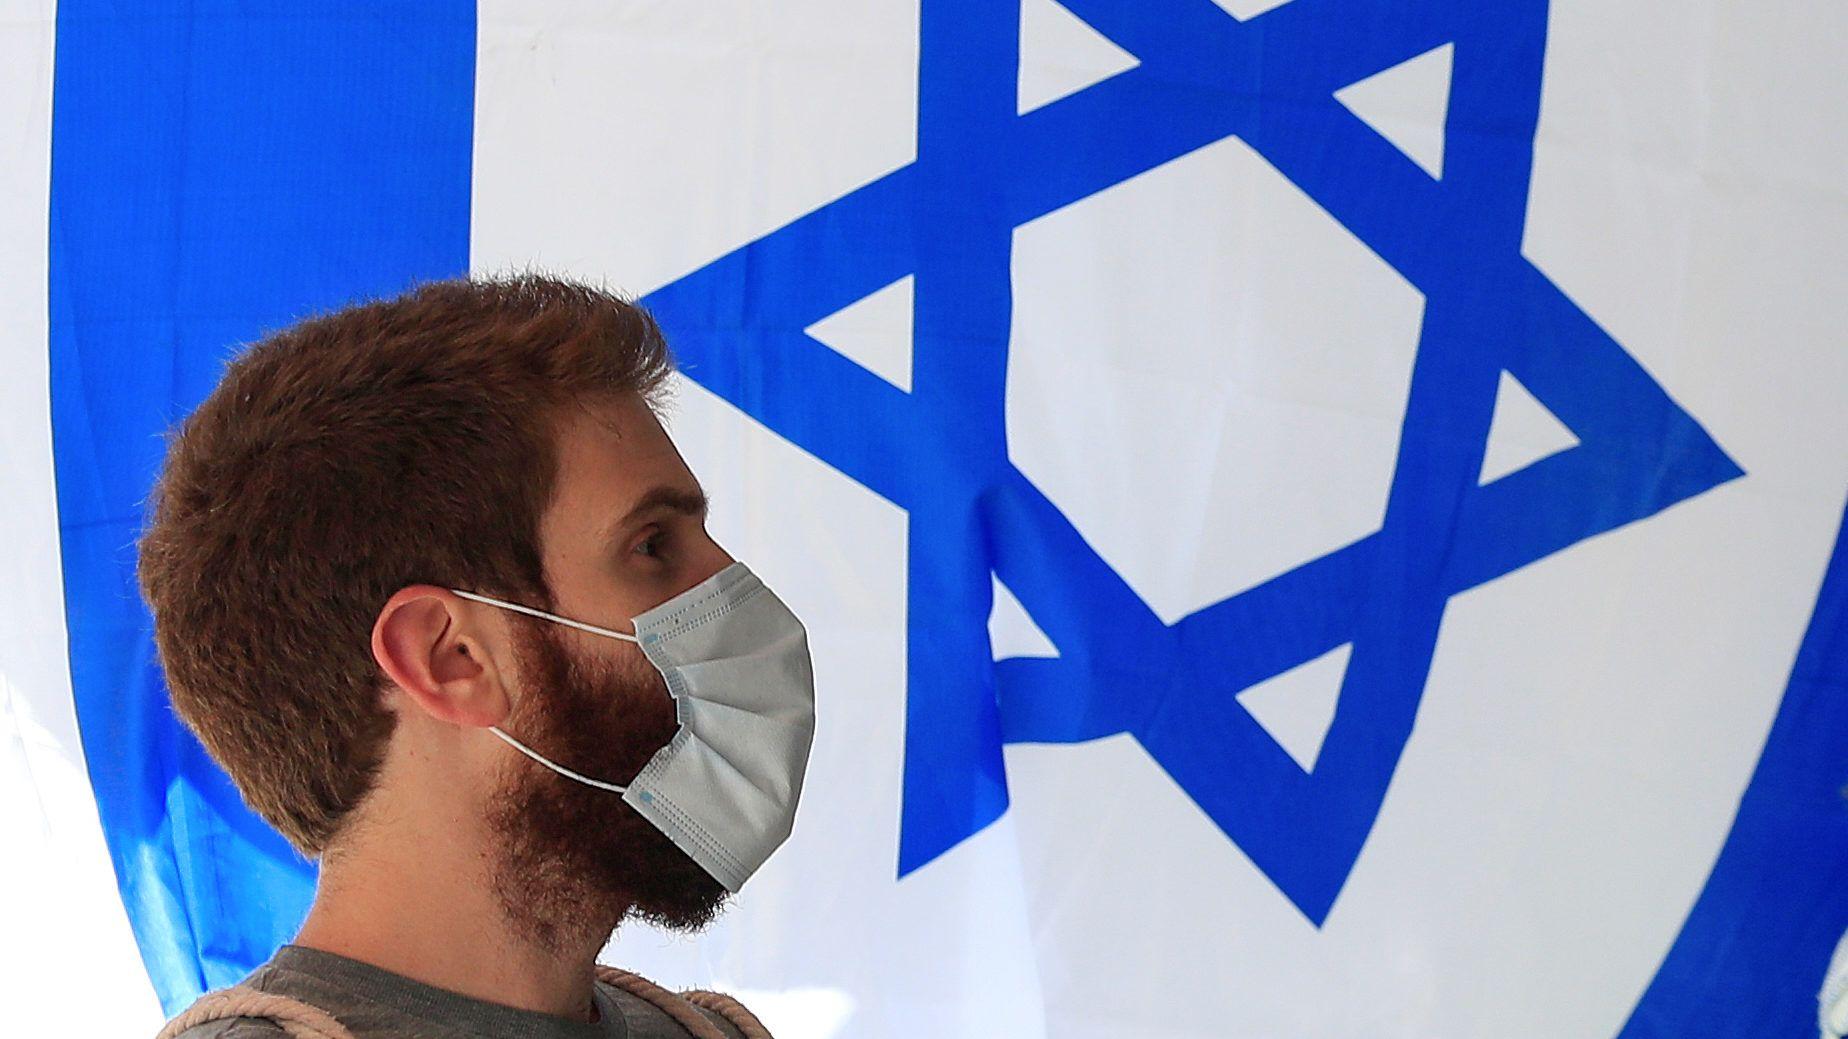 Pszoriázis kezelése Izraelben: ár, eredmények, vélemények - Gyermekekben